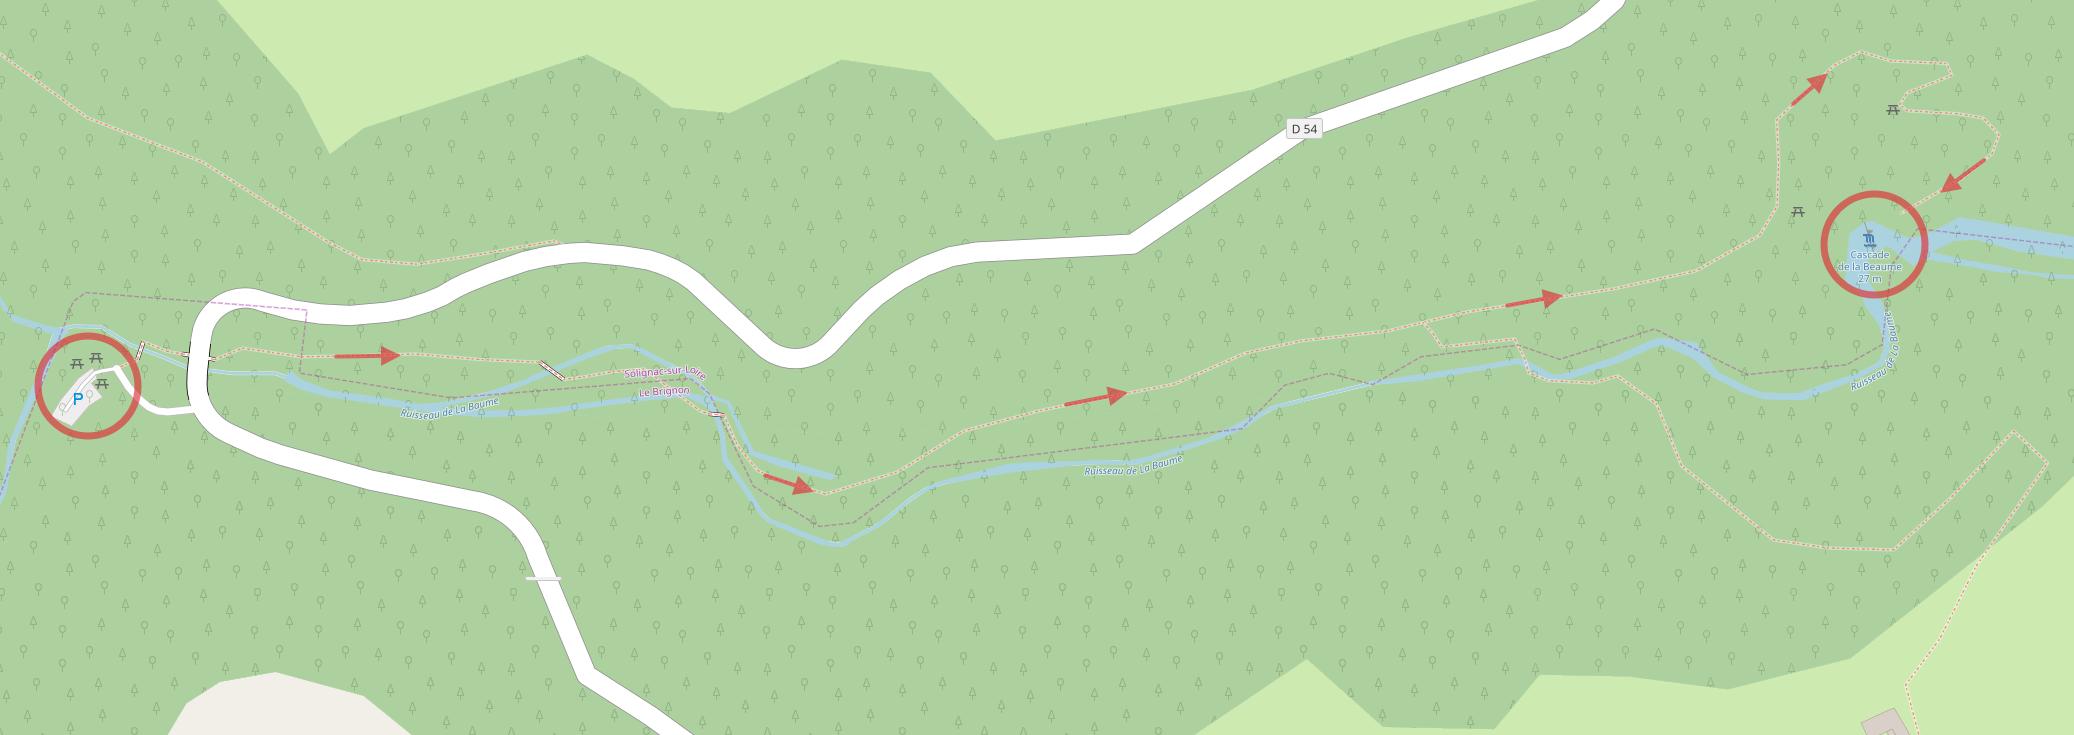 Cascade de la Beaume plan détaillé